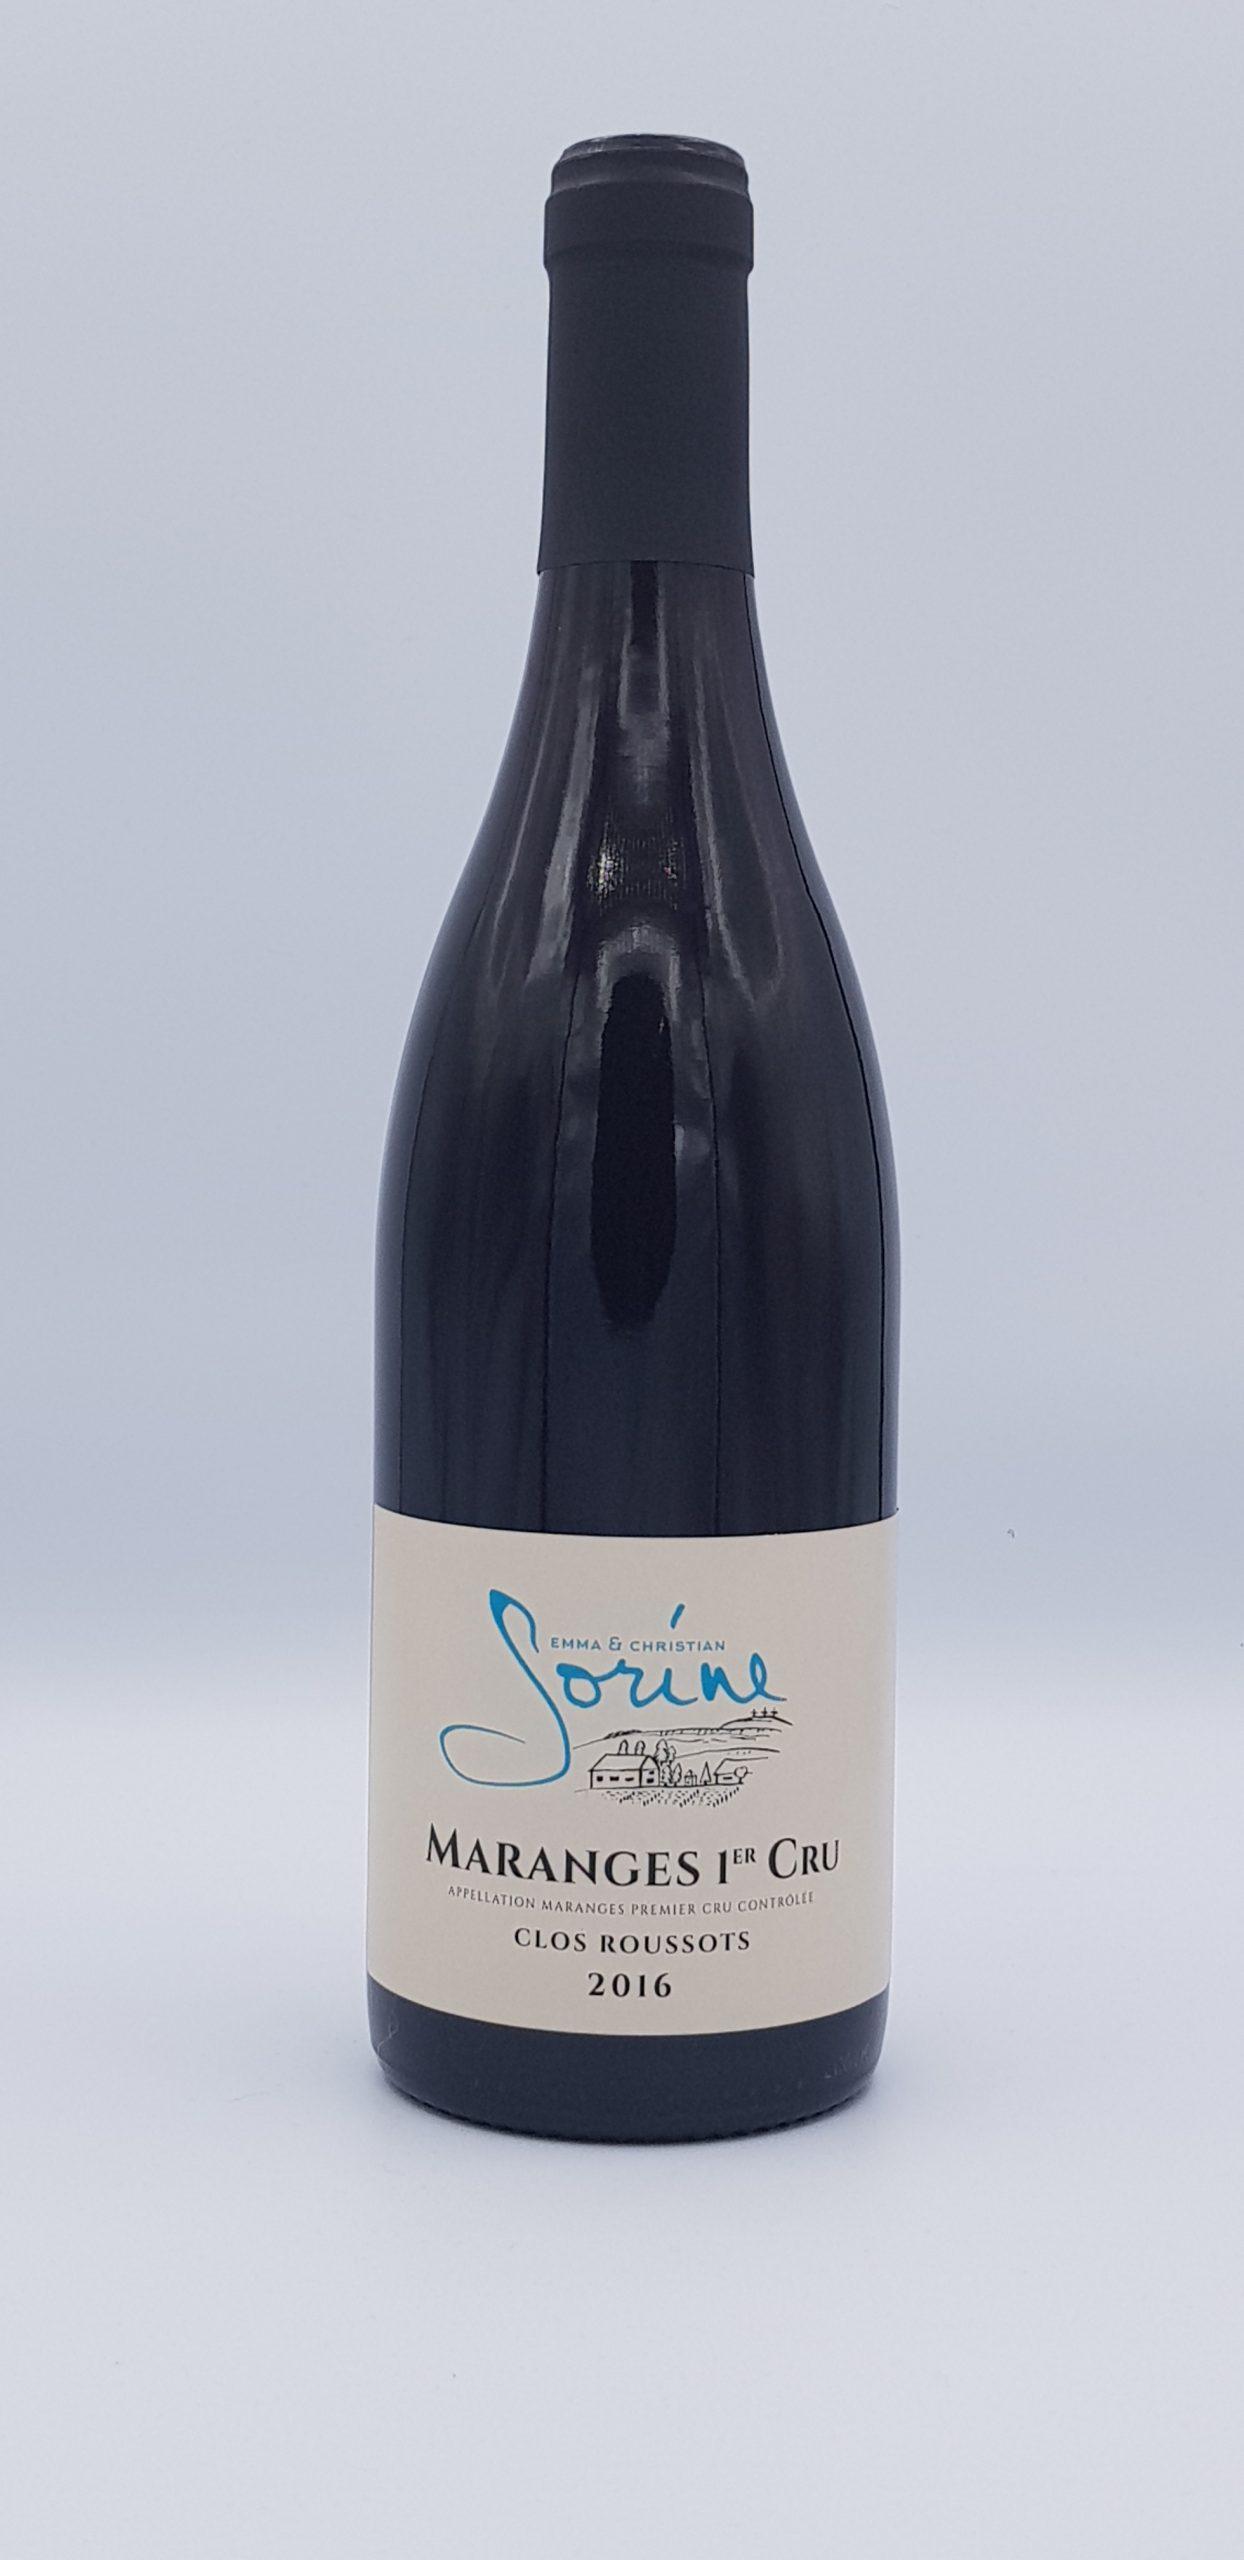 """Maranges 1er Cru """"Clos Roussots"""" 2016 Rouge"""